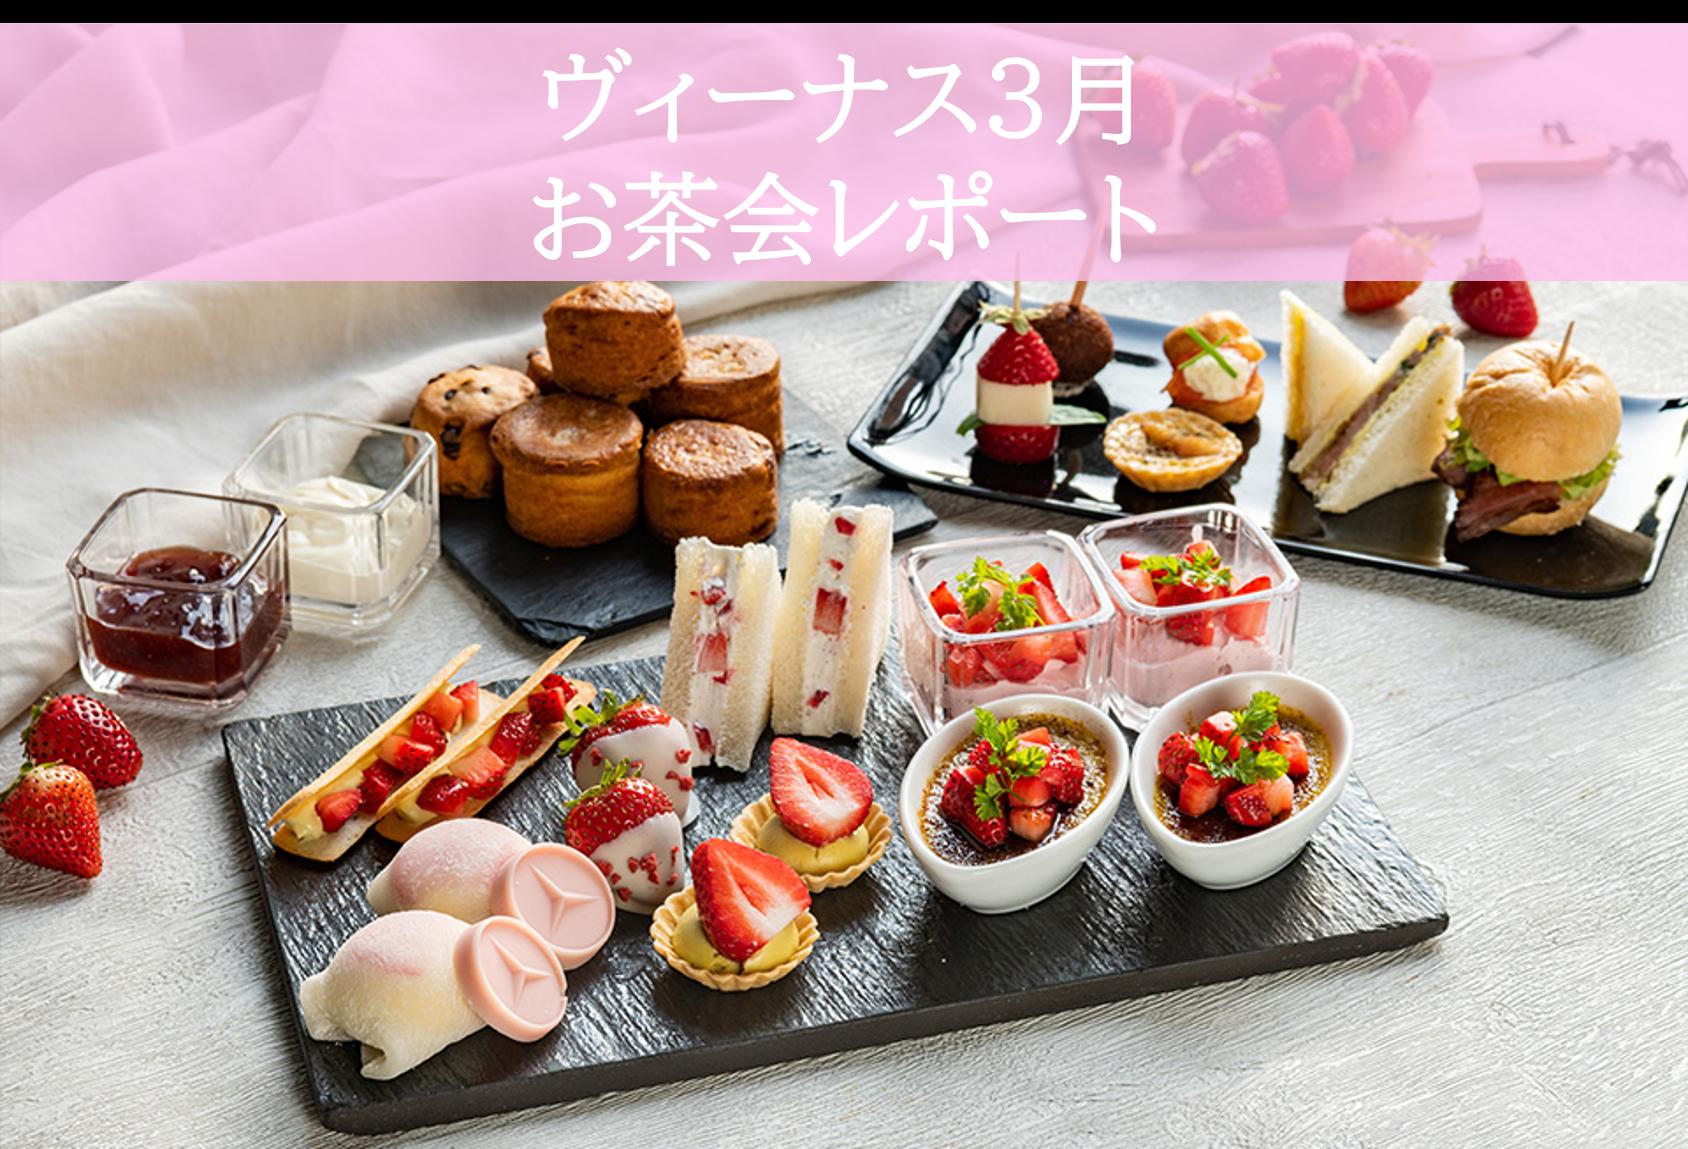 3月お茶会レポート アイキャッチ